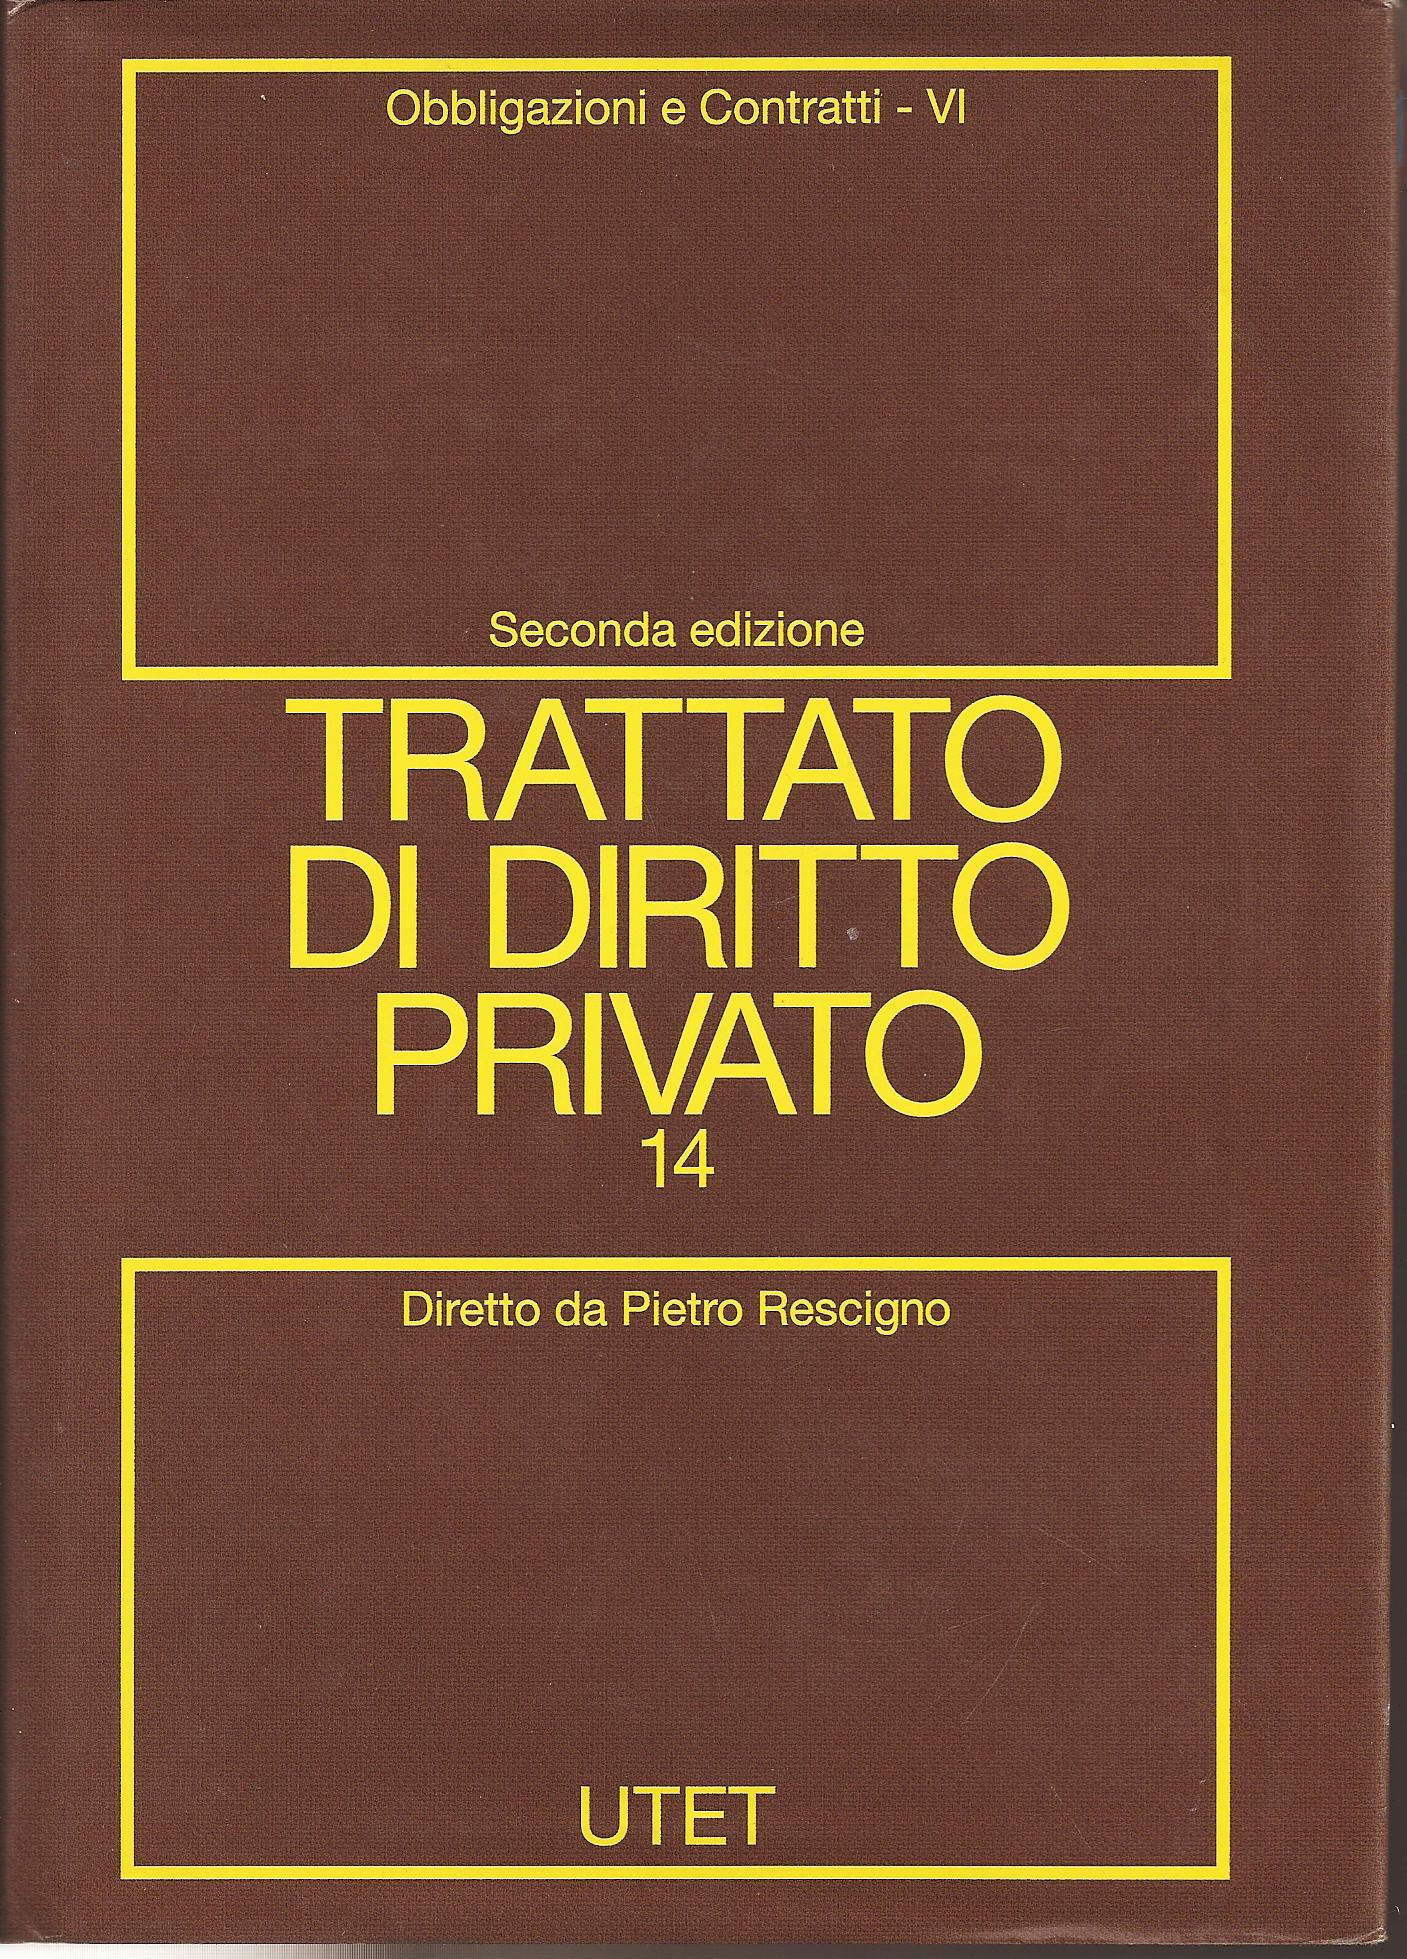 Trattato di diritto privato